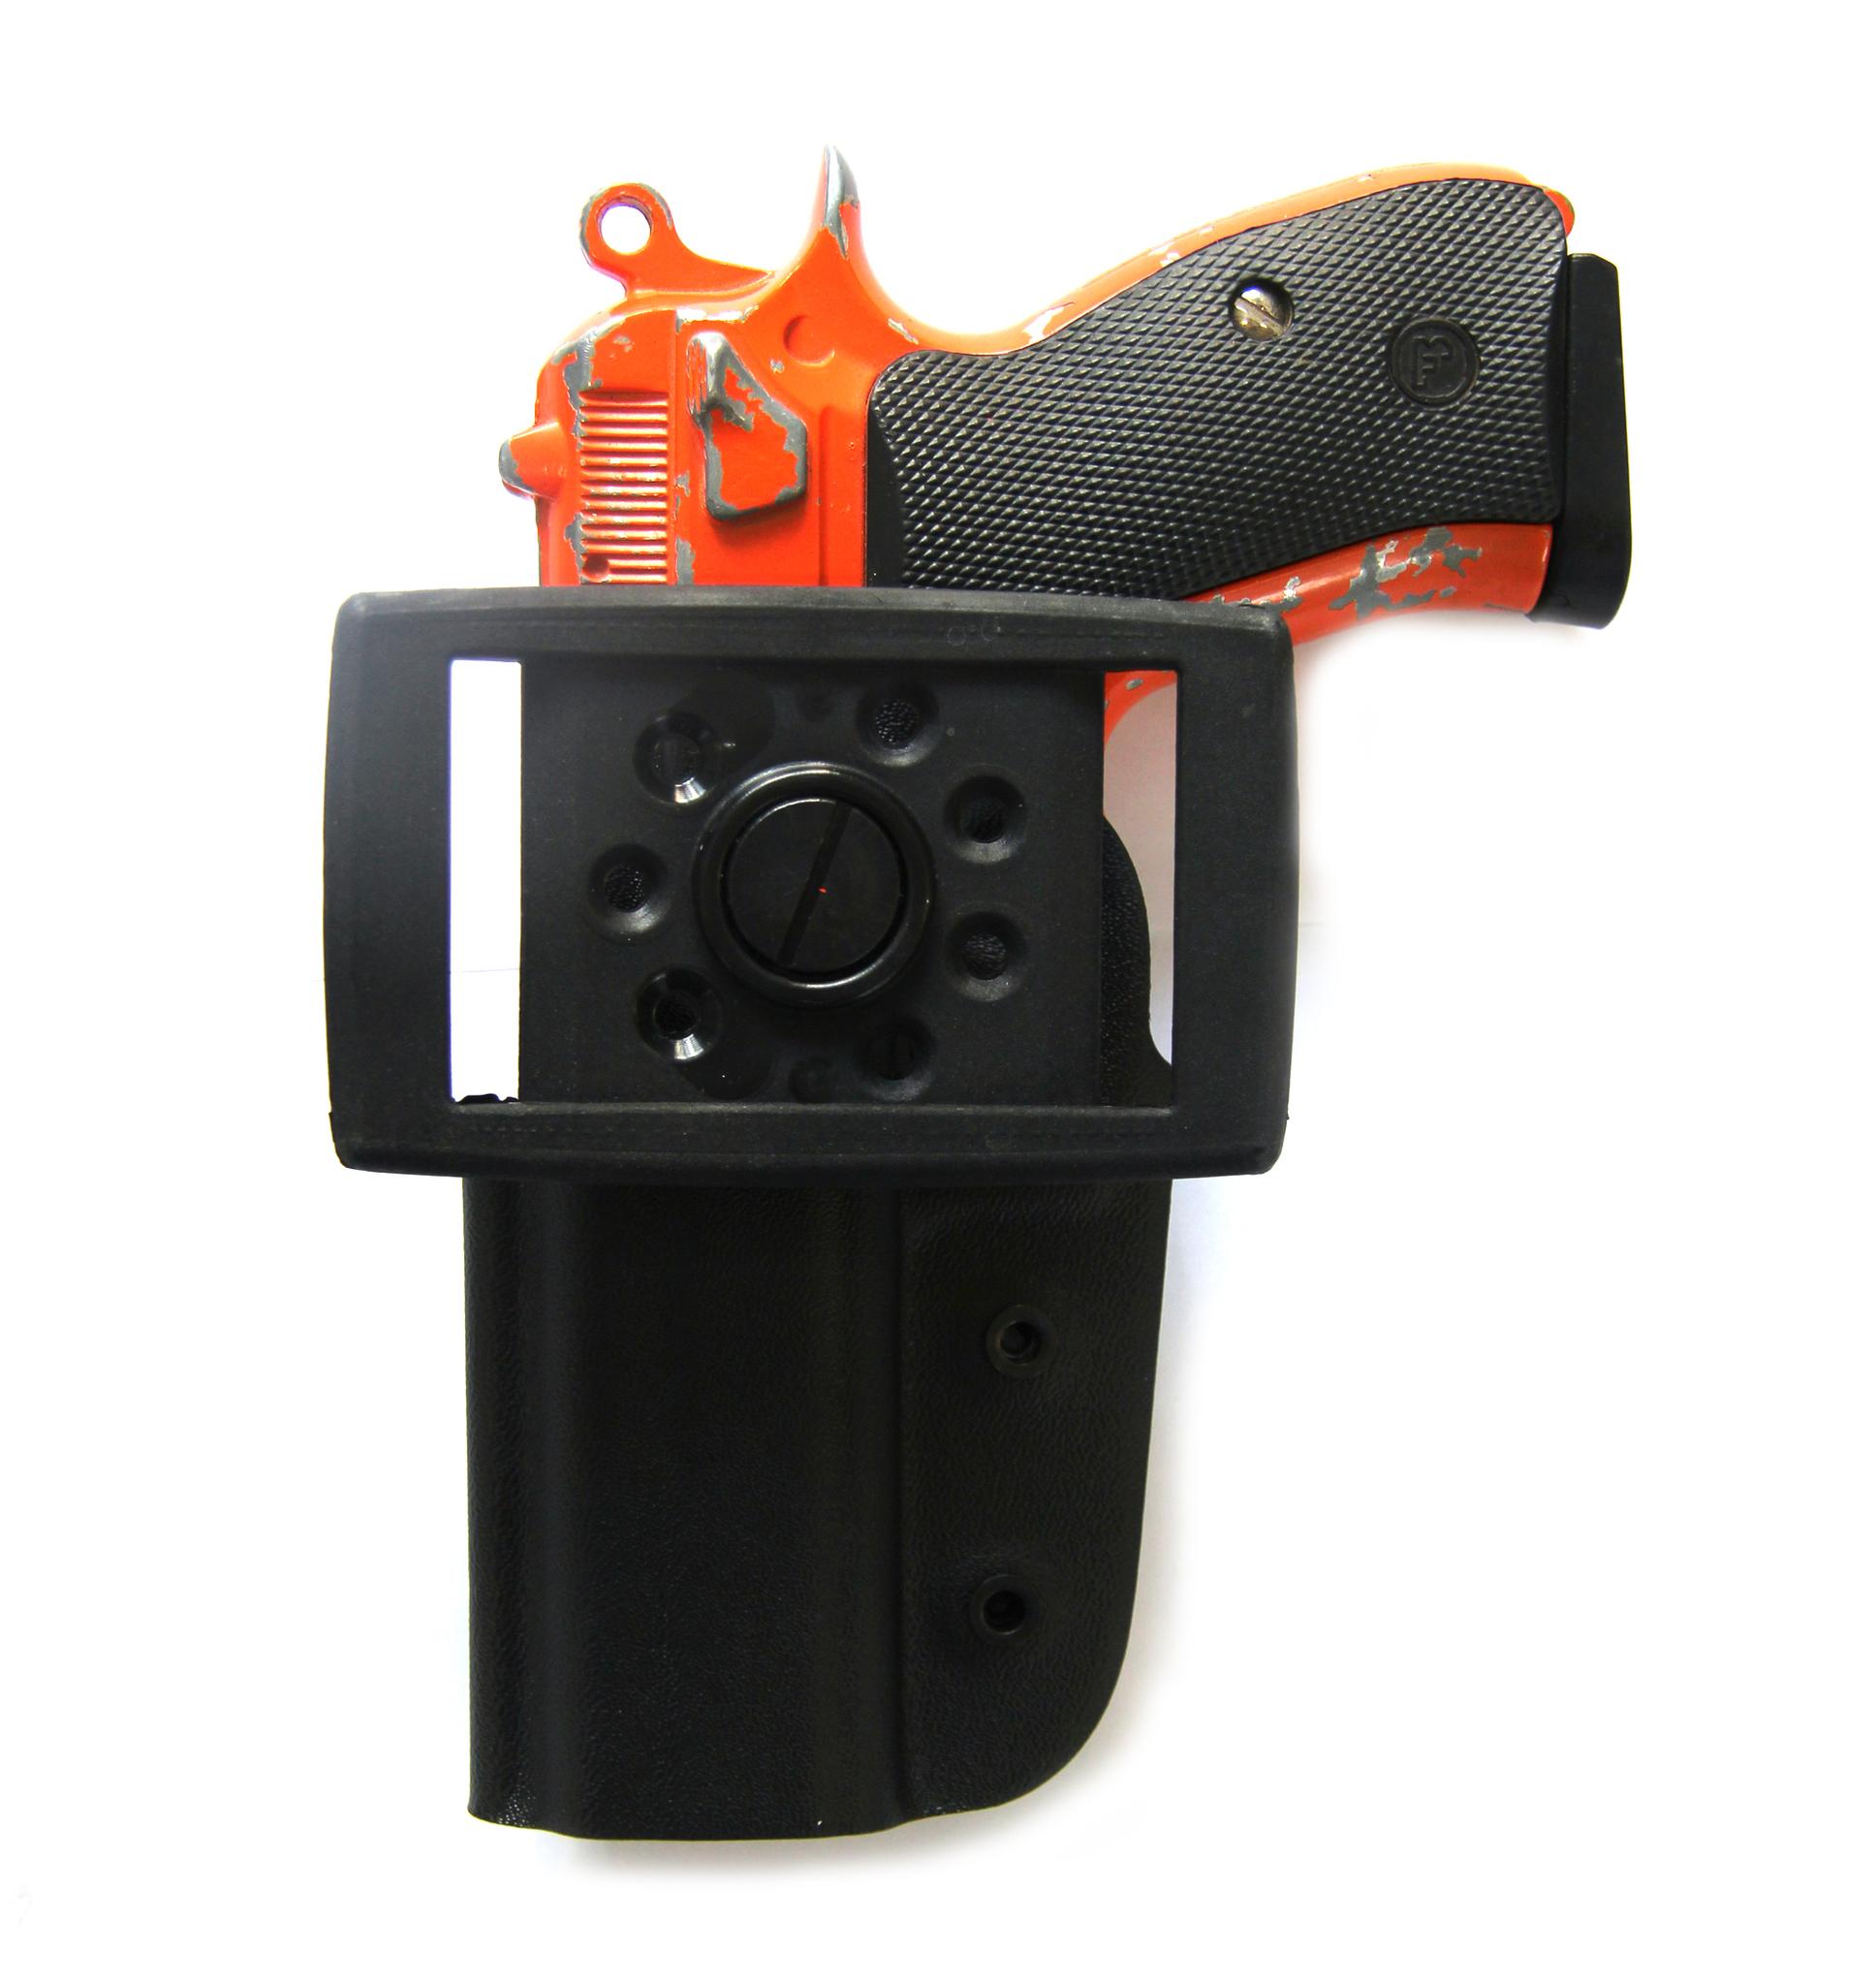 Кобура пластиковая для пистолета CZ-75 SP-01 Shadow с поясным креплением Стич Профи